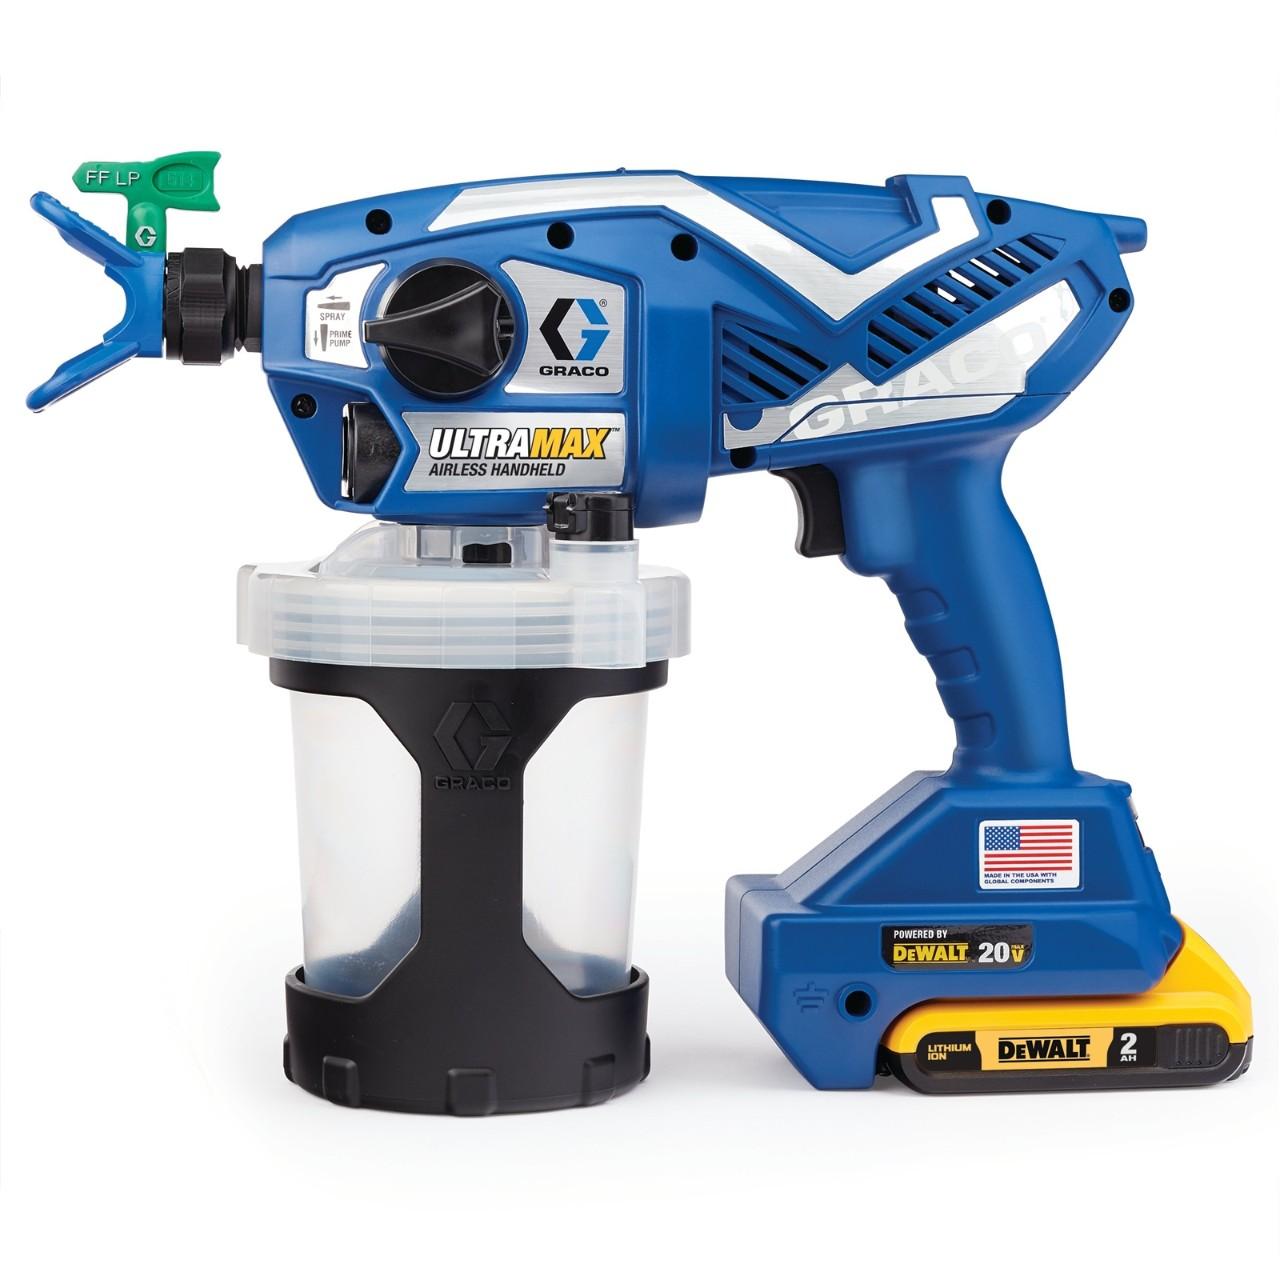 UltraMAX Cordless Handheld Airless Sprayer